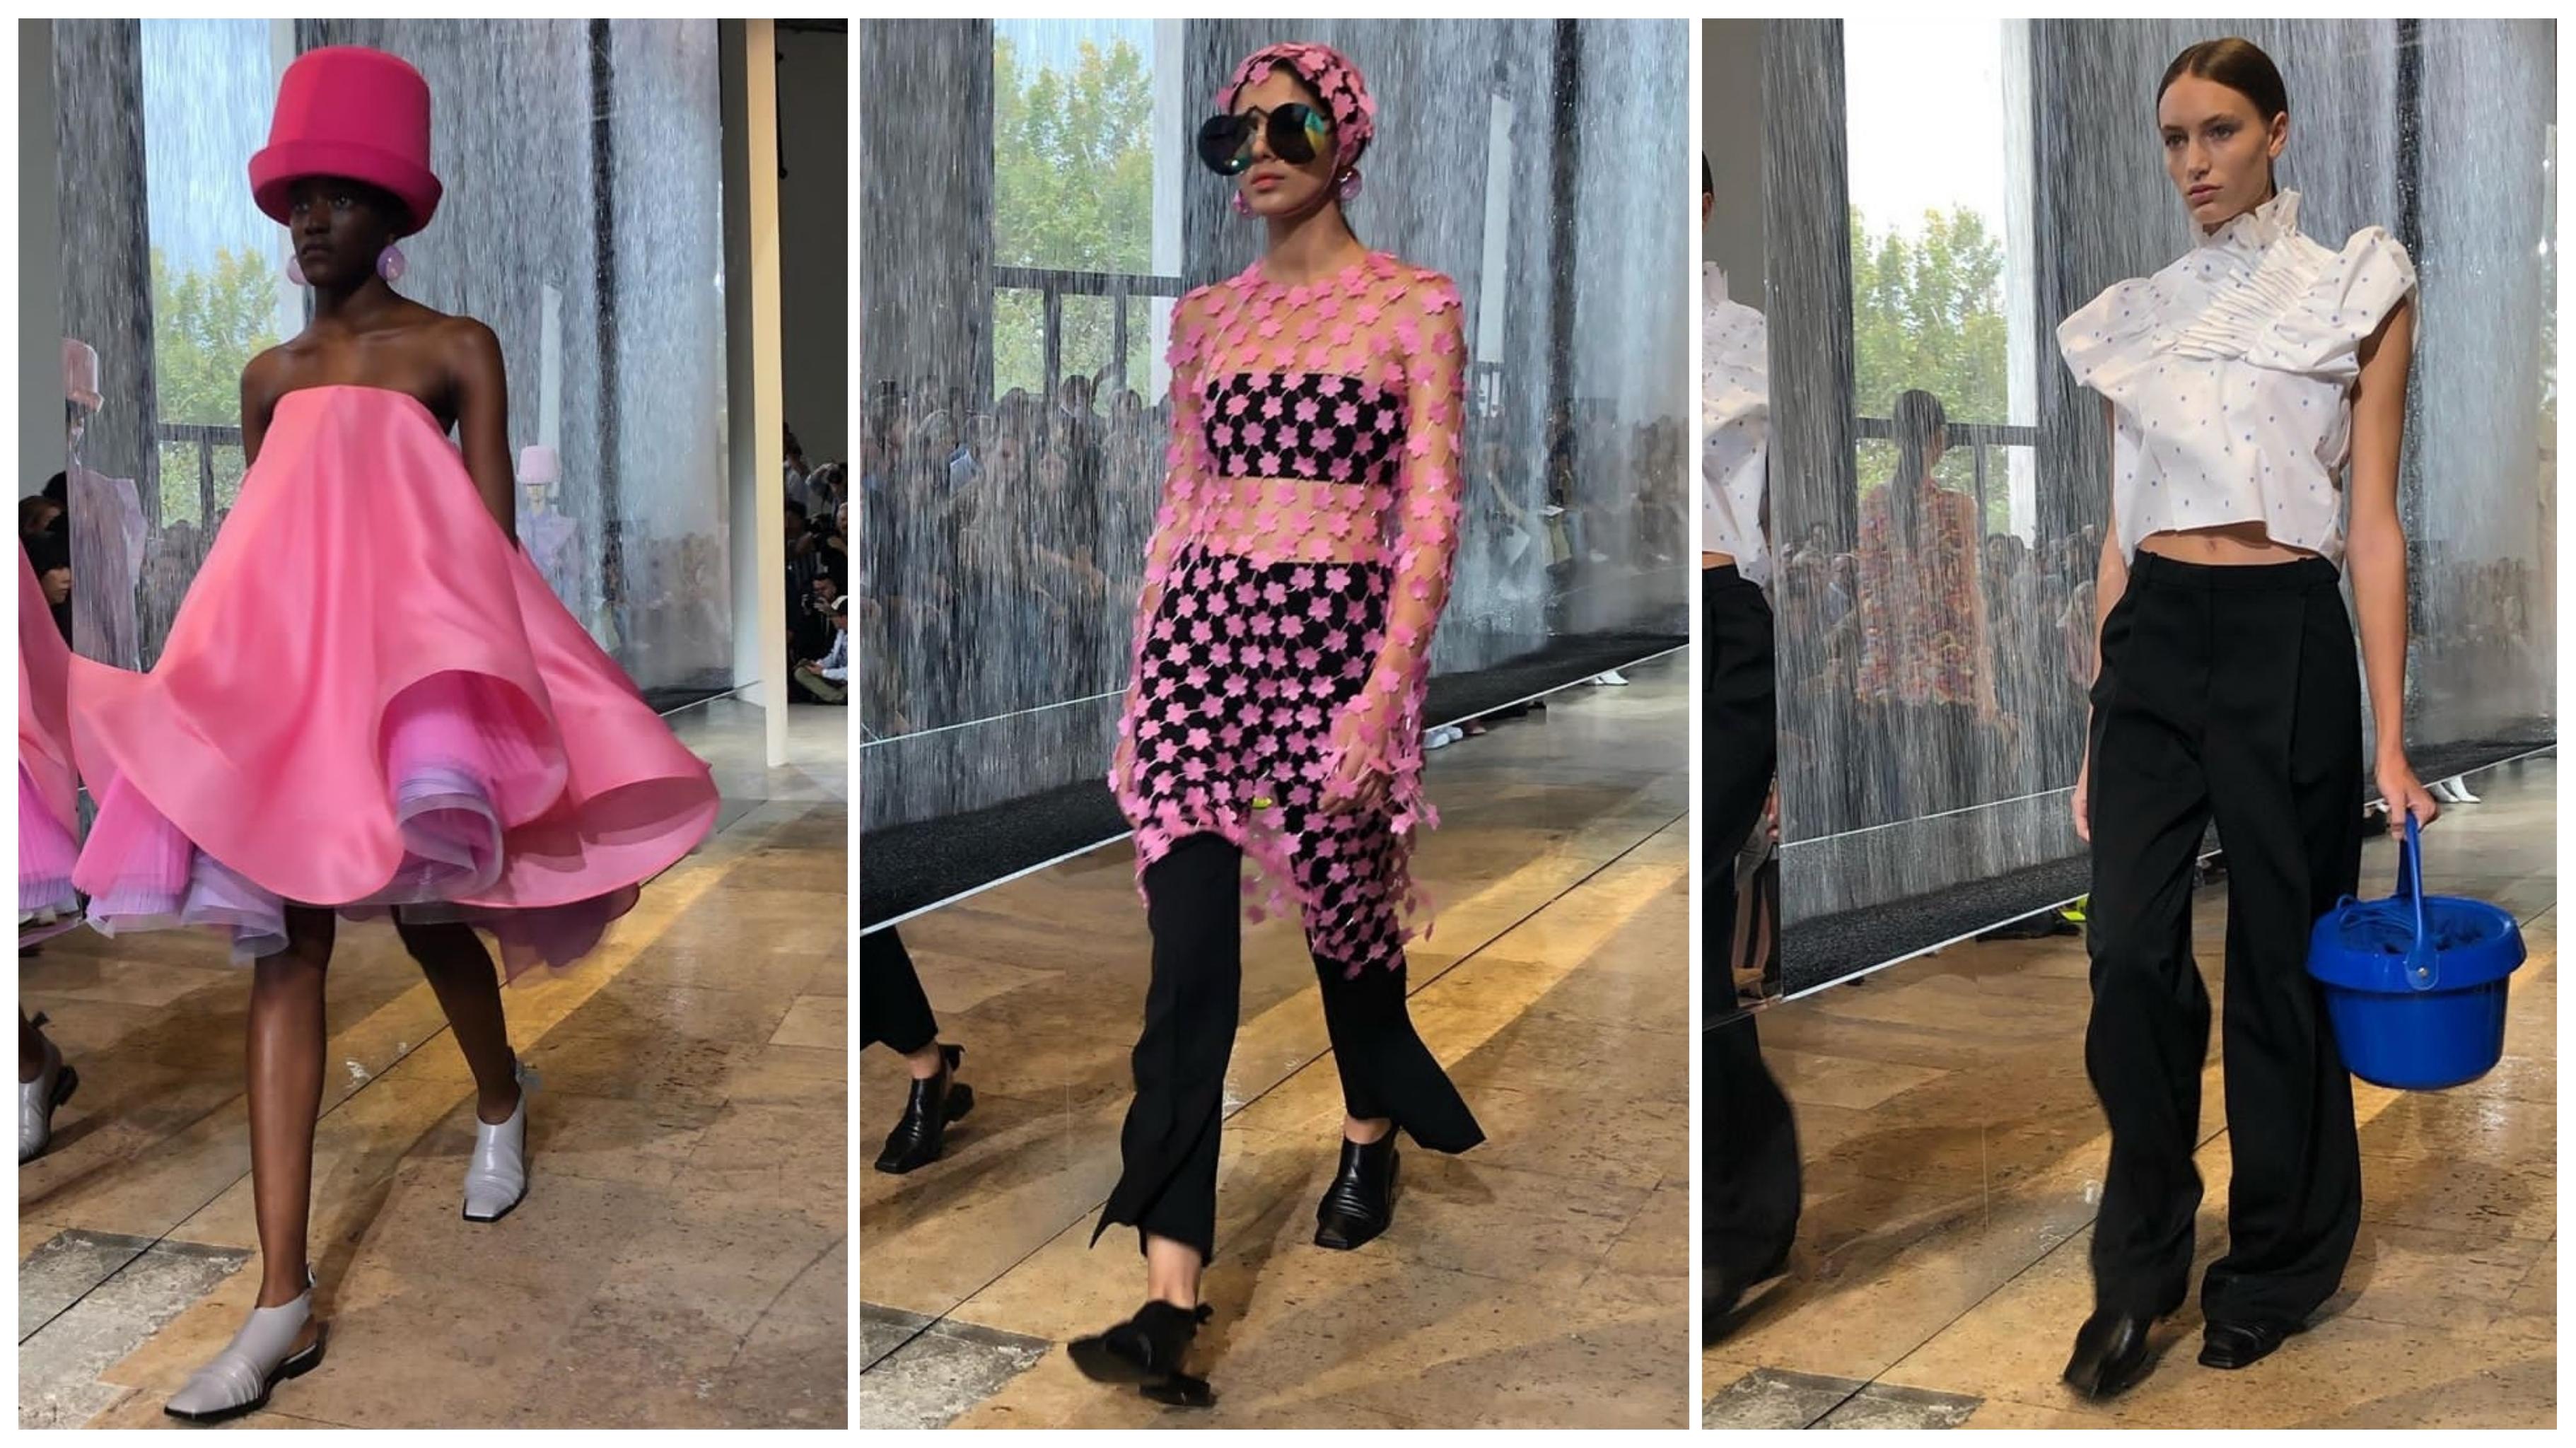 عارضات الأزياء وسط المدرج الشعبية بالمطر